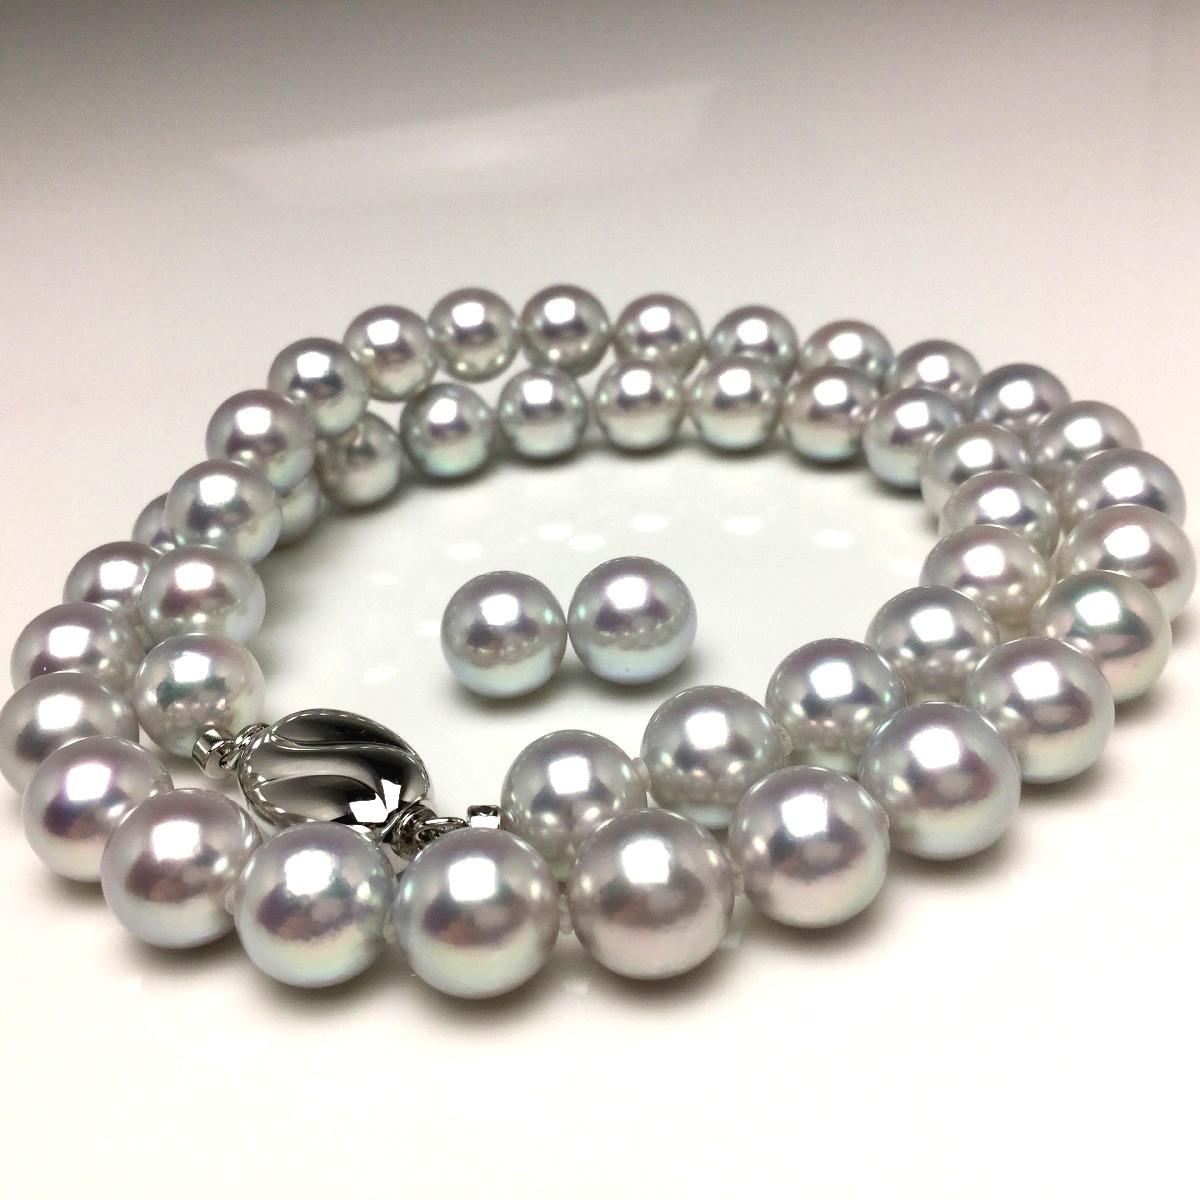 真珠 ネックレス パール オーロラ・真多麻 アコヤ真珠 イヤリング or ピアス セット 8.5-9.0mm ホワイトシルバーブルー(ナチュラル) シルバー クラスップ 66732 イソワパール